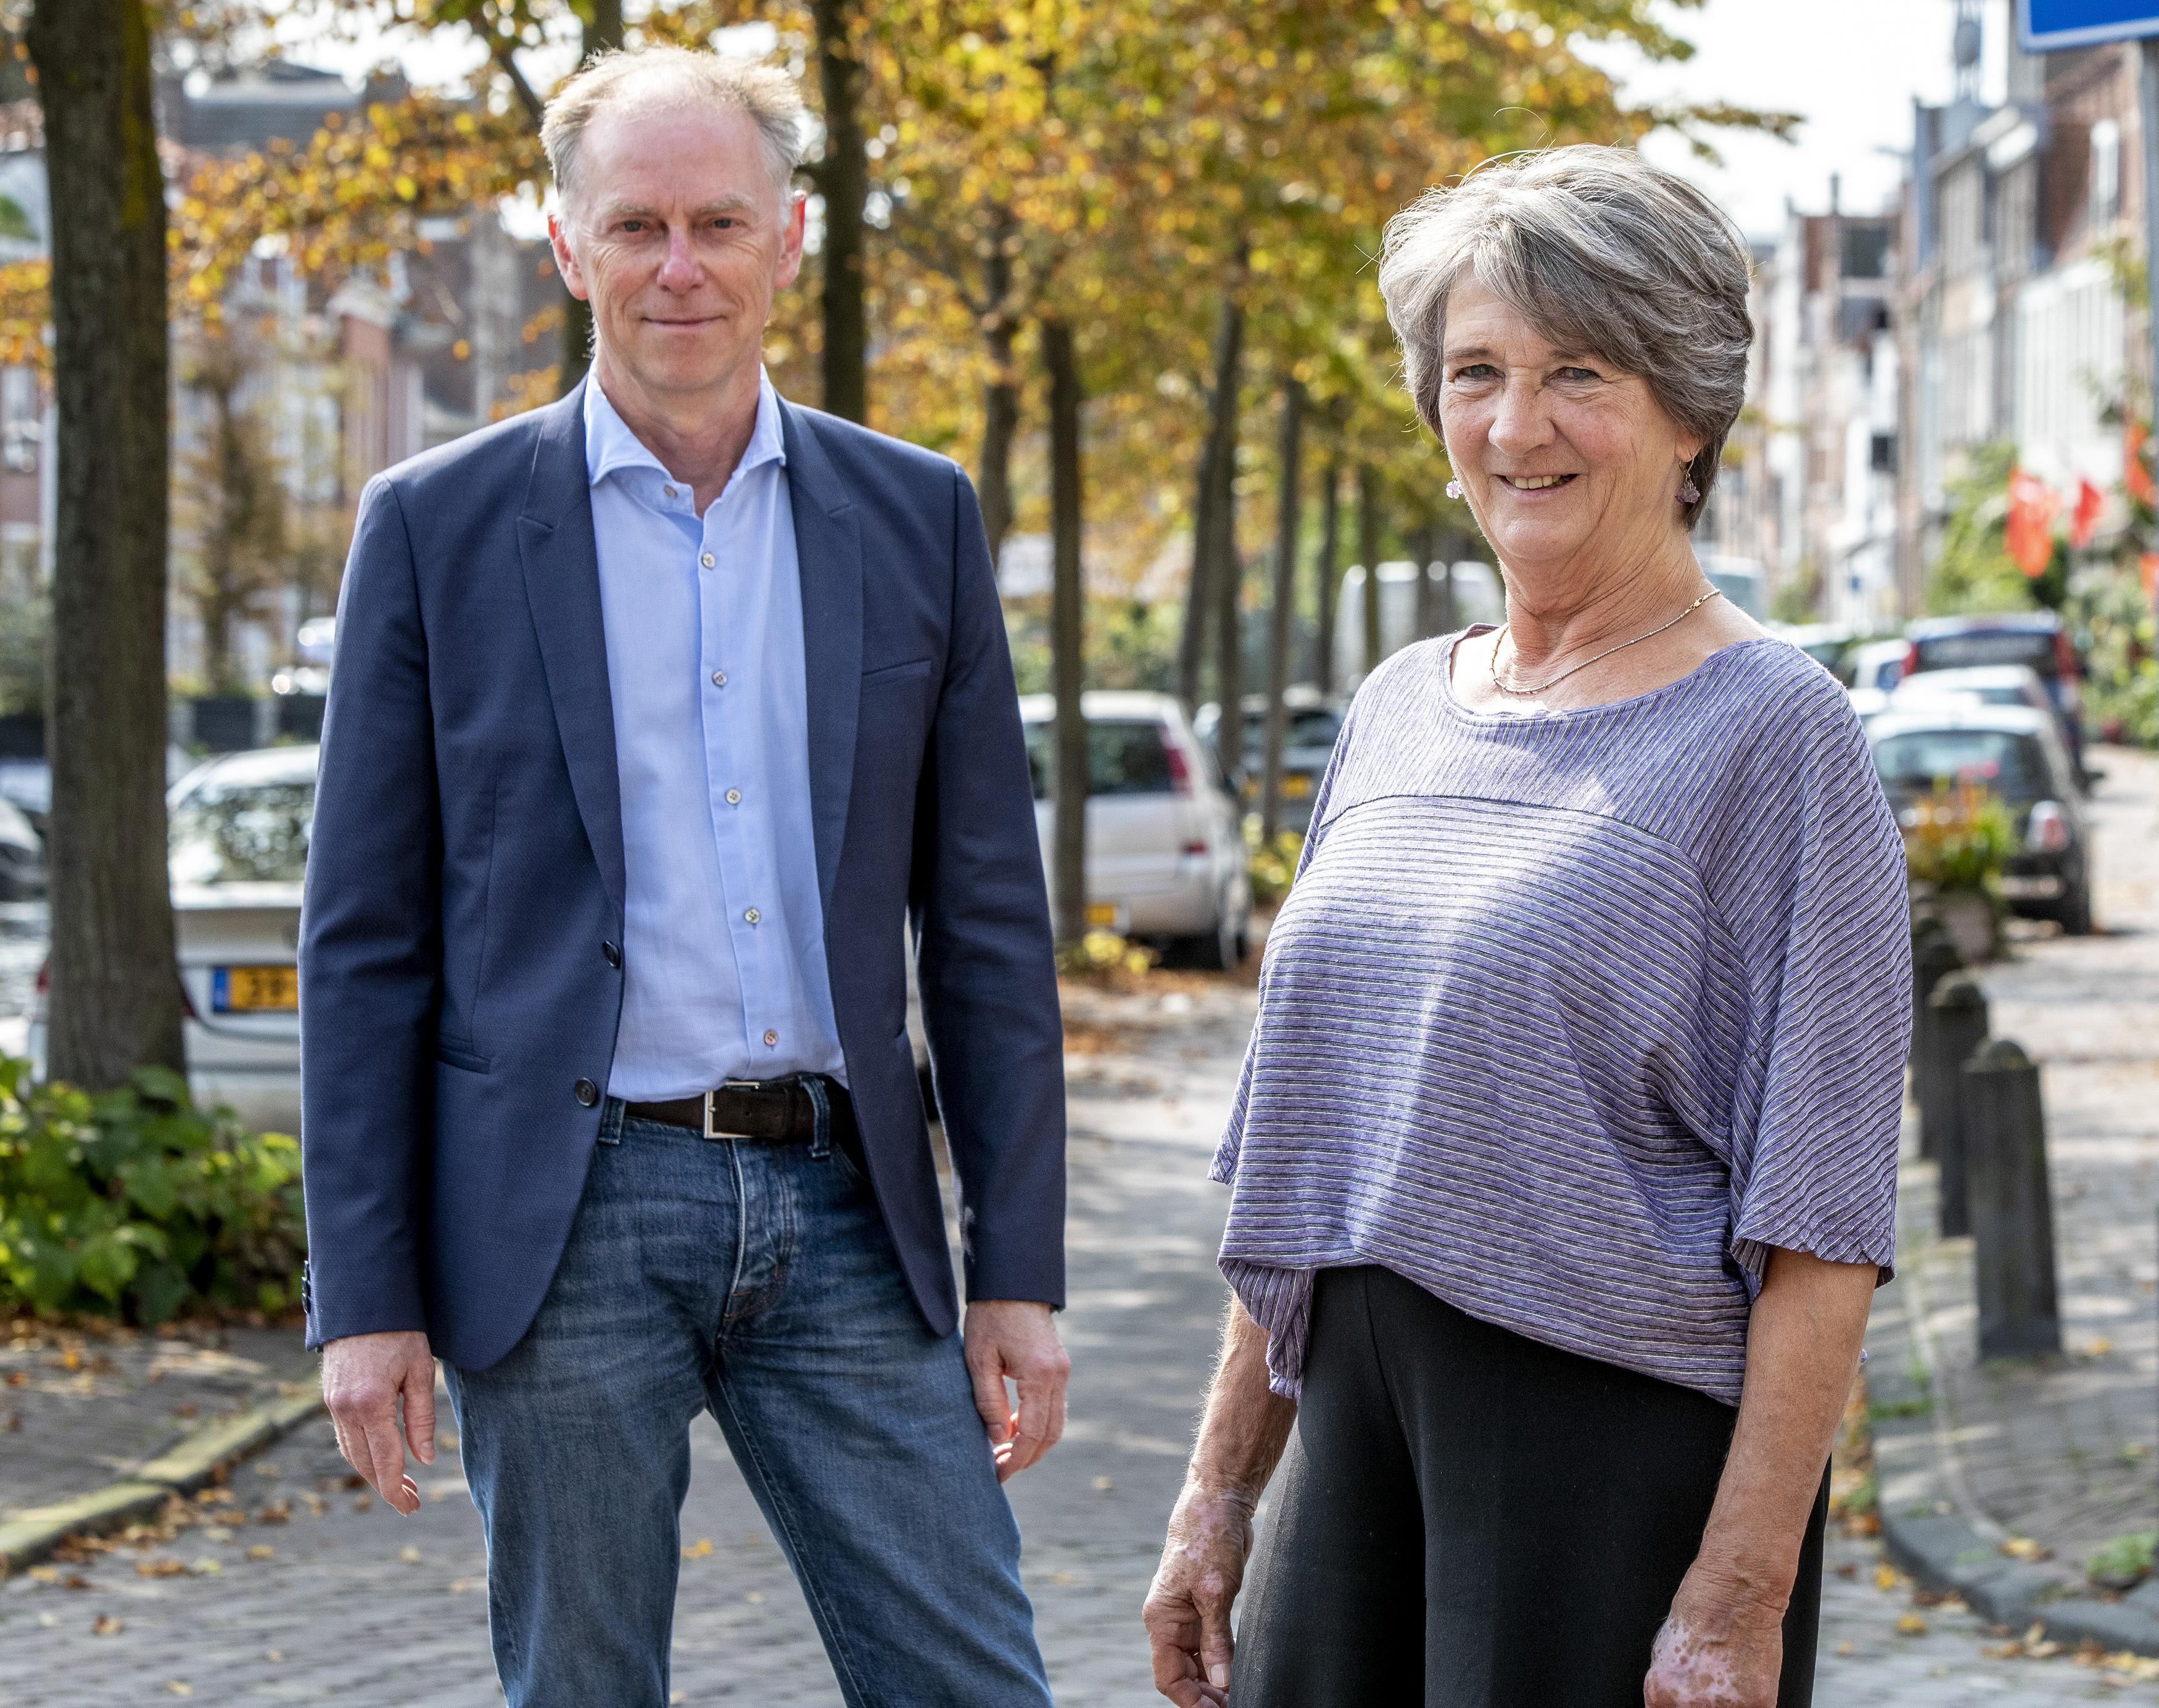 André Jurjus neemt voorzittershamer Participatieraad Haarlem over van Ruth Nelemaat: 'Je kan het verschil maken'